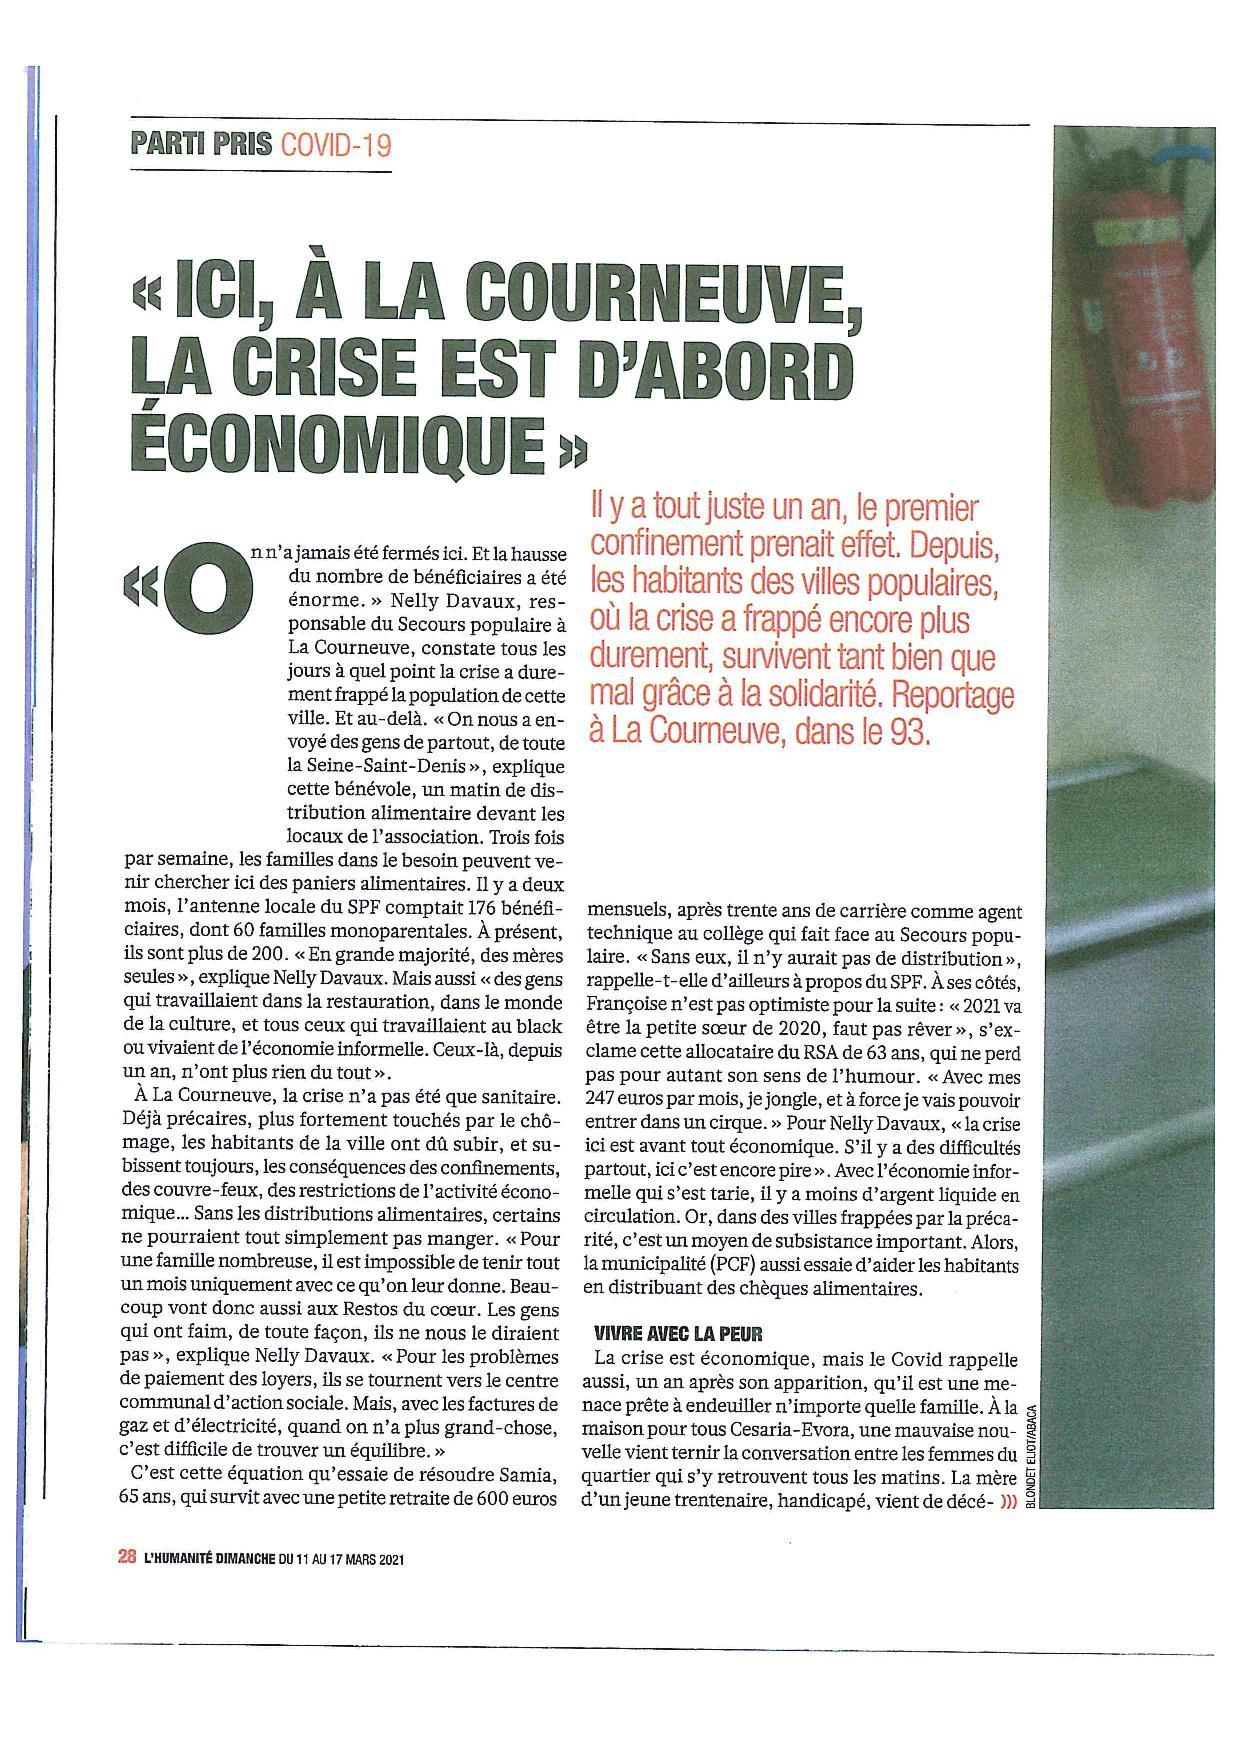 la_courneuve-page-001.jpg